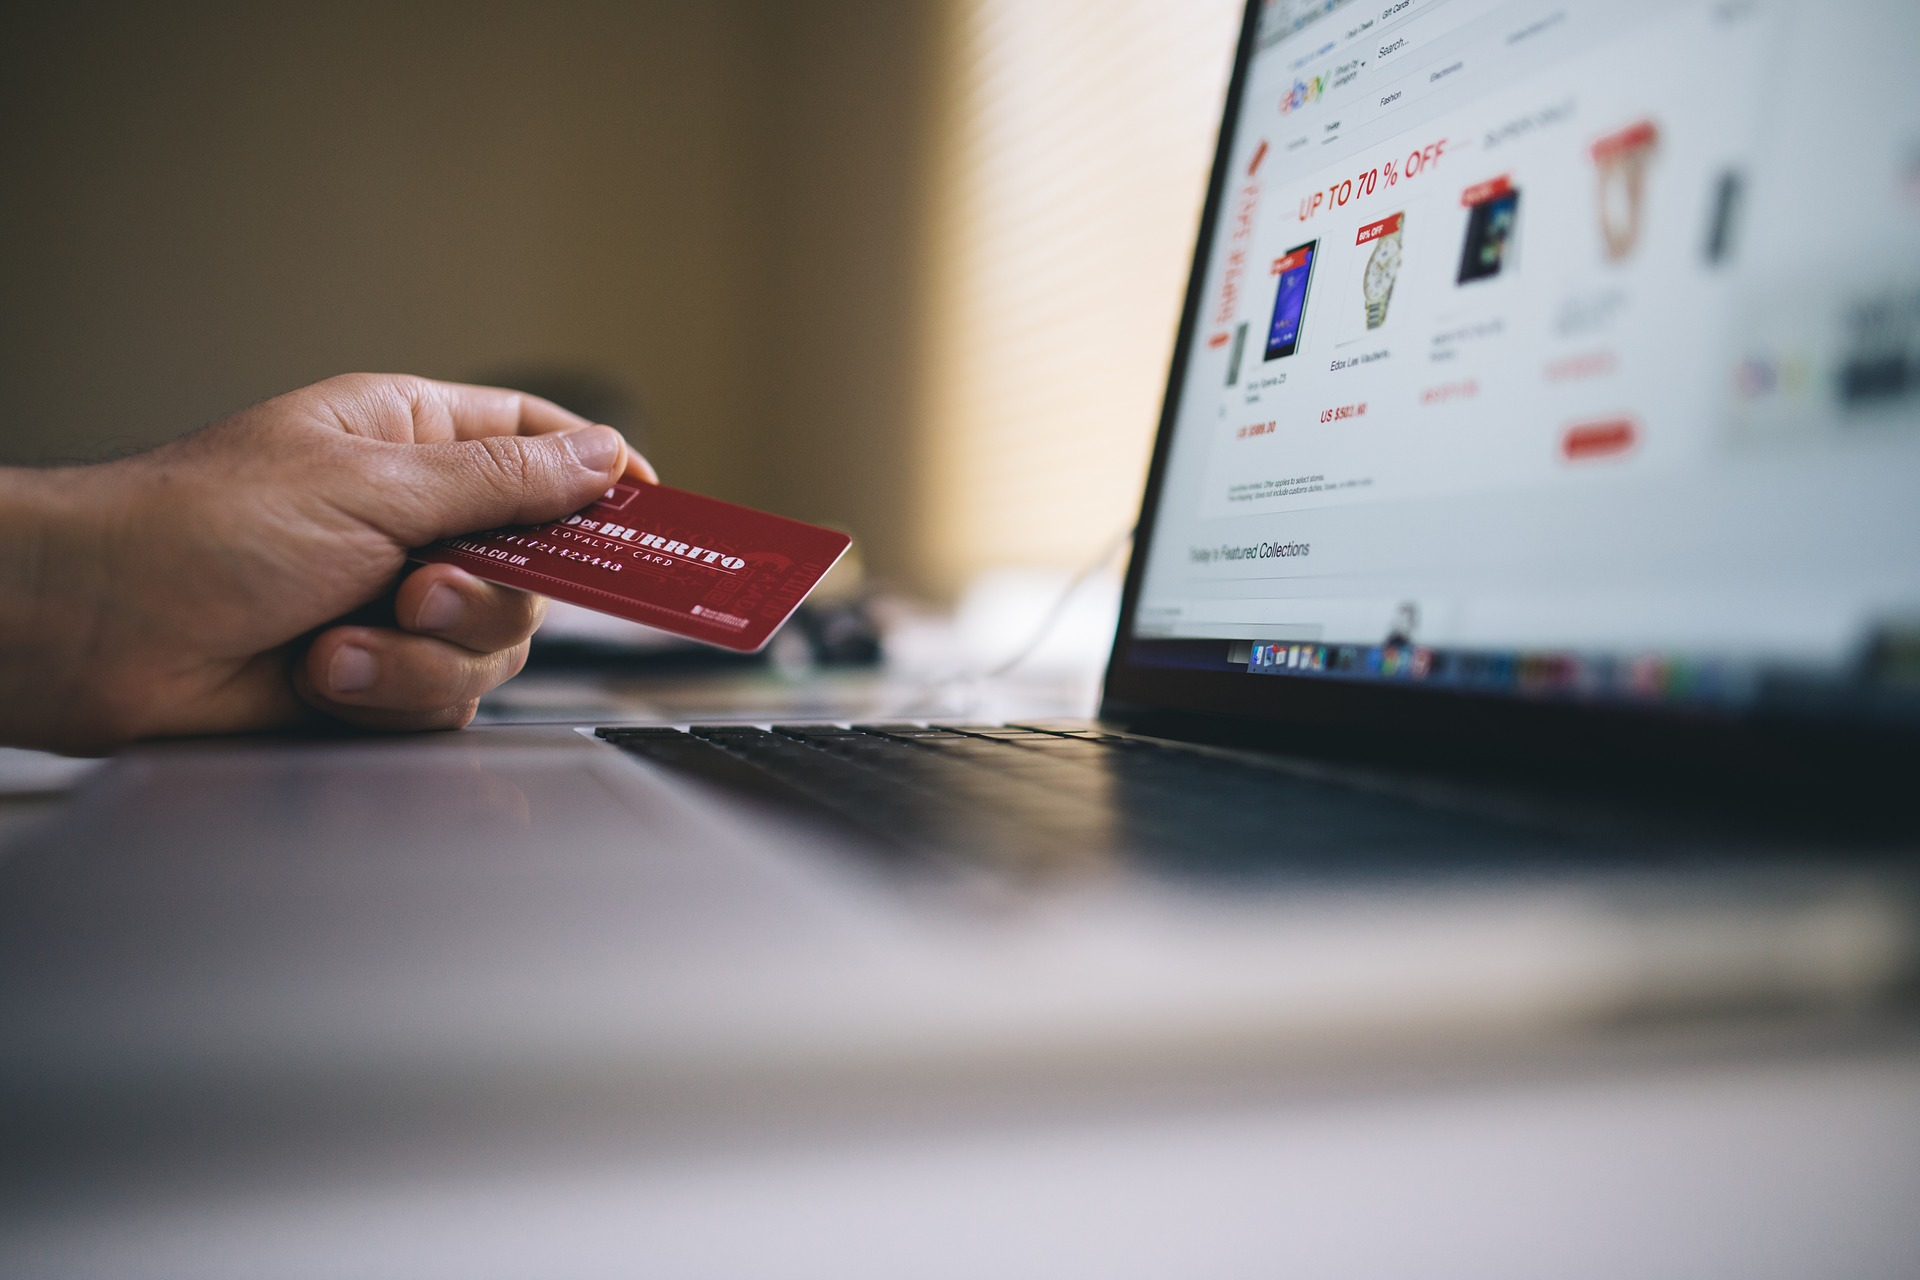 Virtuelle Kreditkarte: Test & Empfehlungen (01/20)